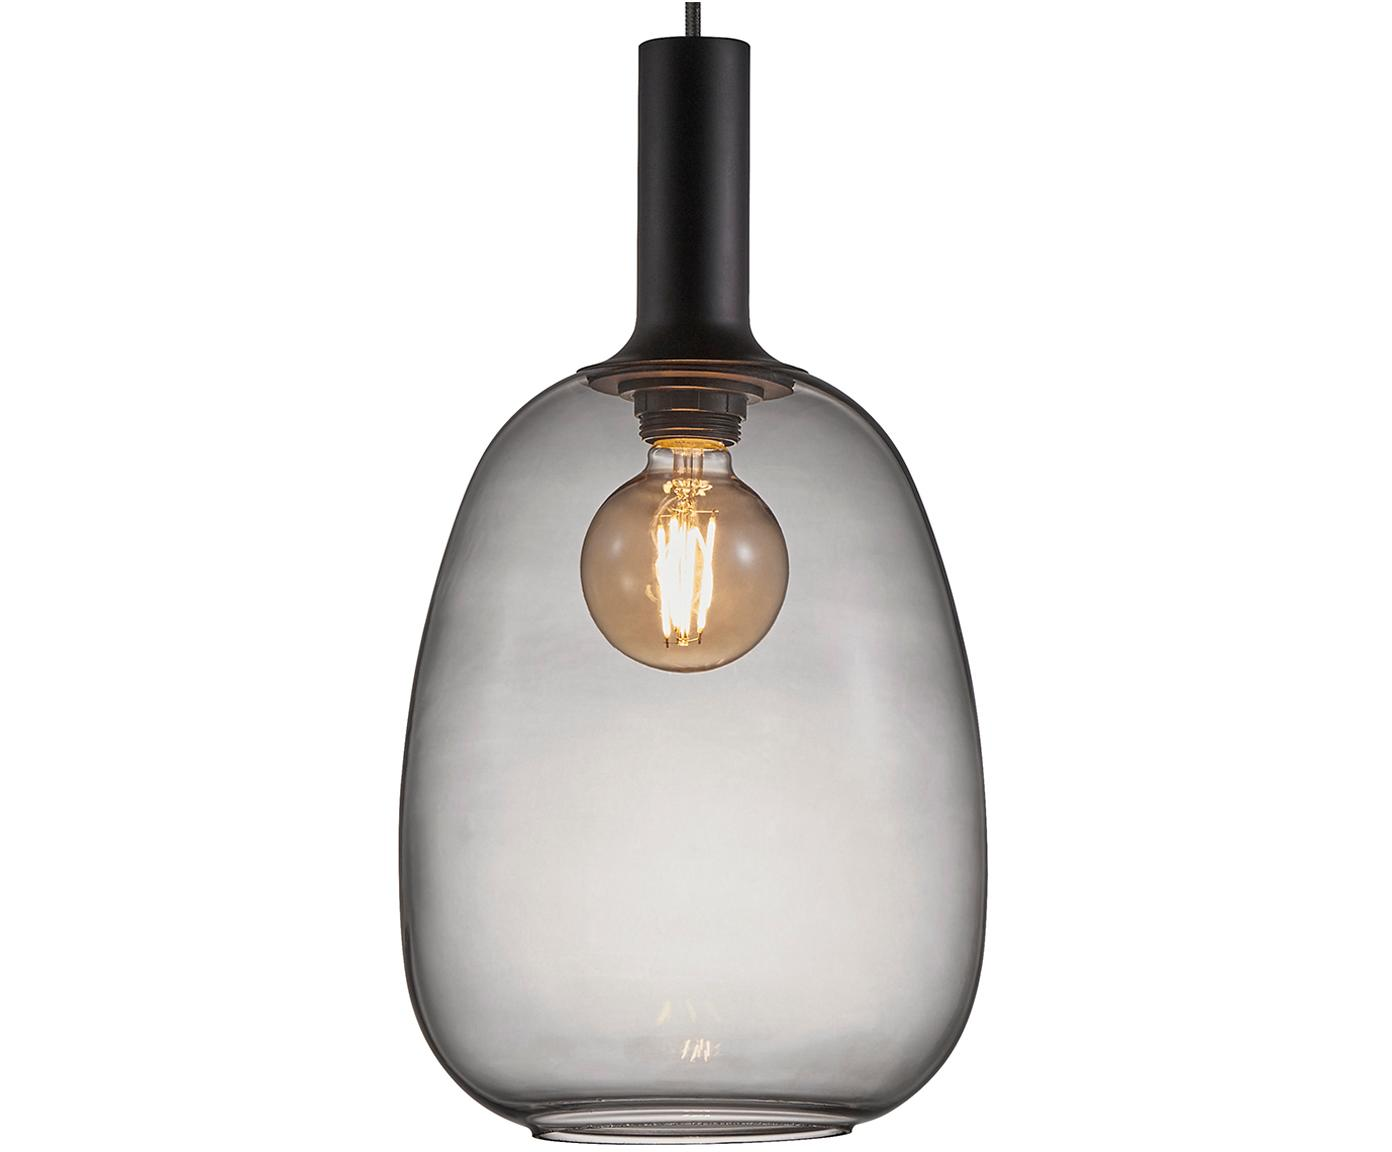 Lámpara de techo pequeña Alton, Pantalla: vidrio, Cable: cubierto en tela, Negro, gris, transparente, Ø 23 x Al 43 cm